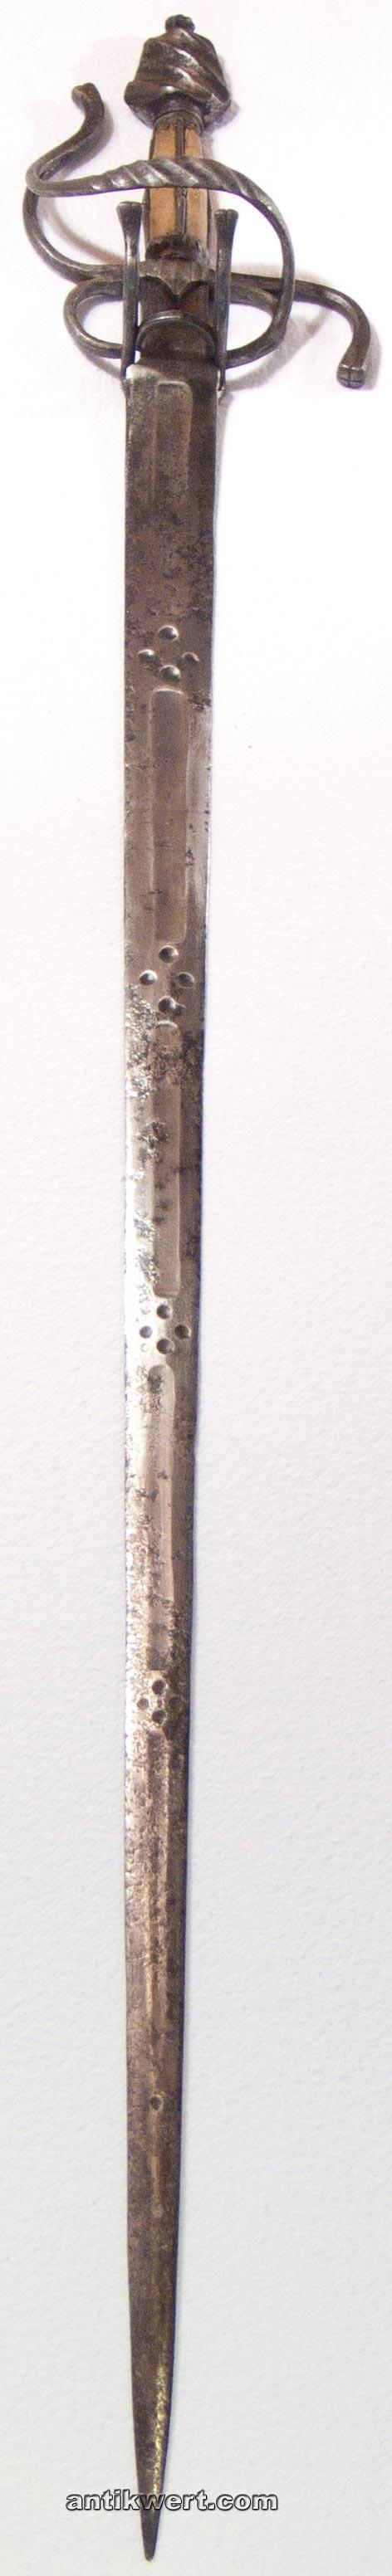 Degen-norddeutsch-665 mit interessanter Klinge